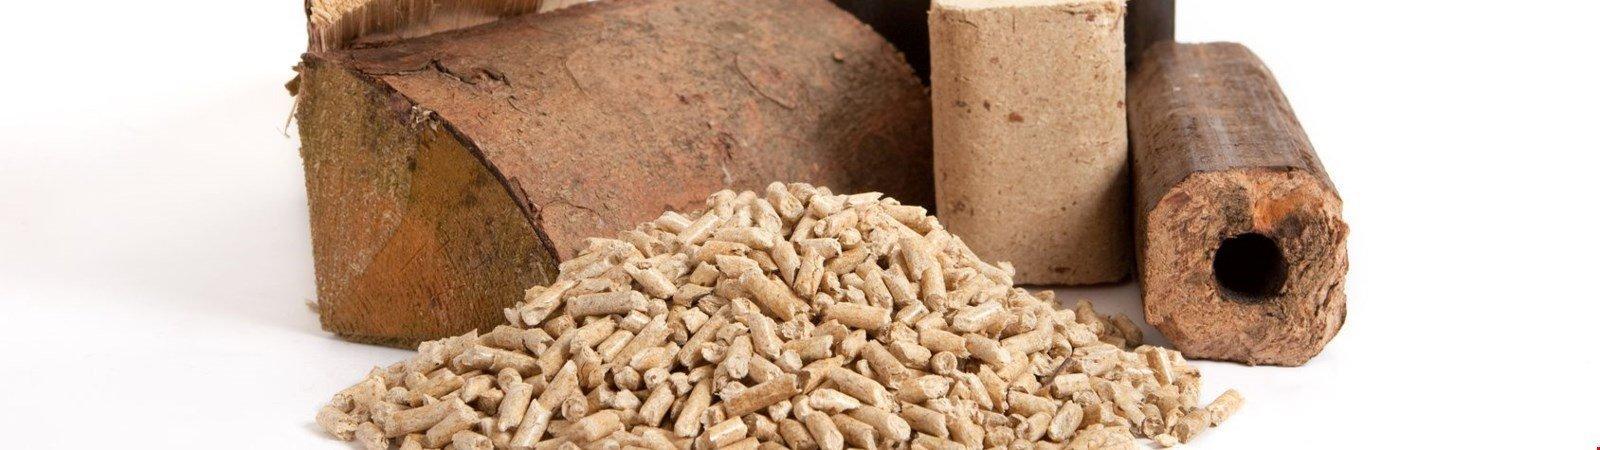 Kaminofen im Test: Heizen mit Scheitholz, Pellets und Briketts